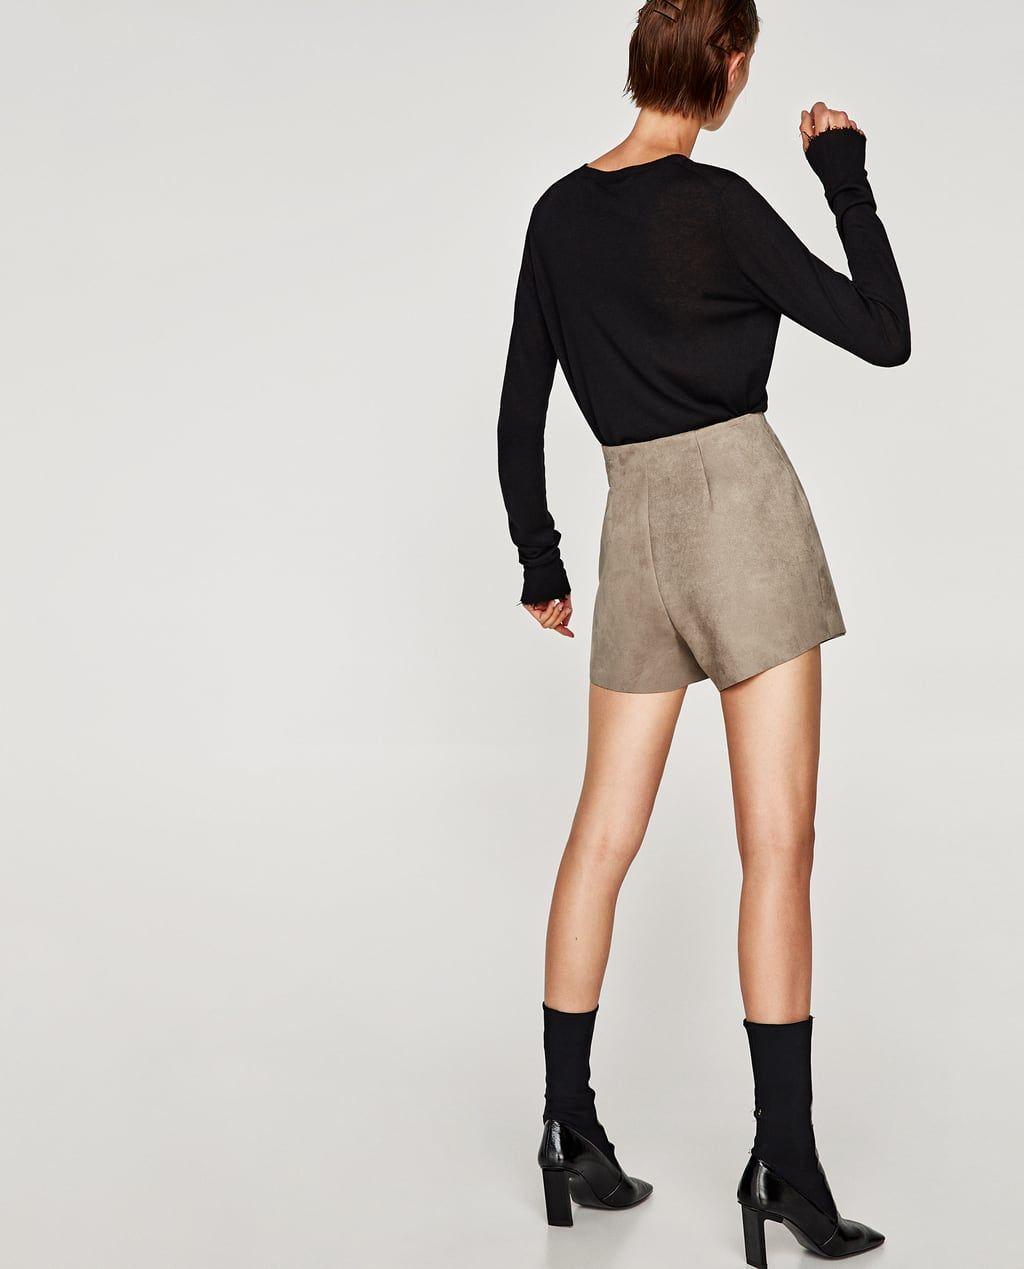 Jupe Short Daim FemmeZara France Effet Jupes Courtes PkwX8n0O